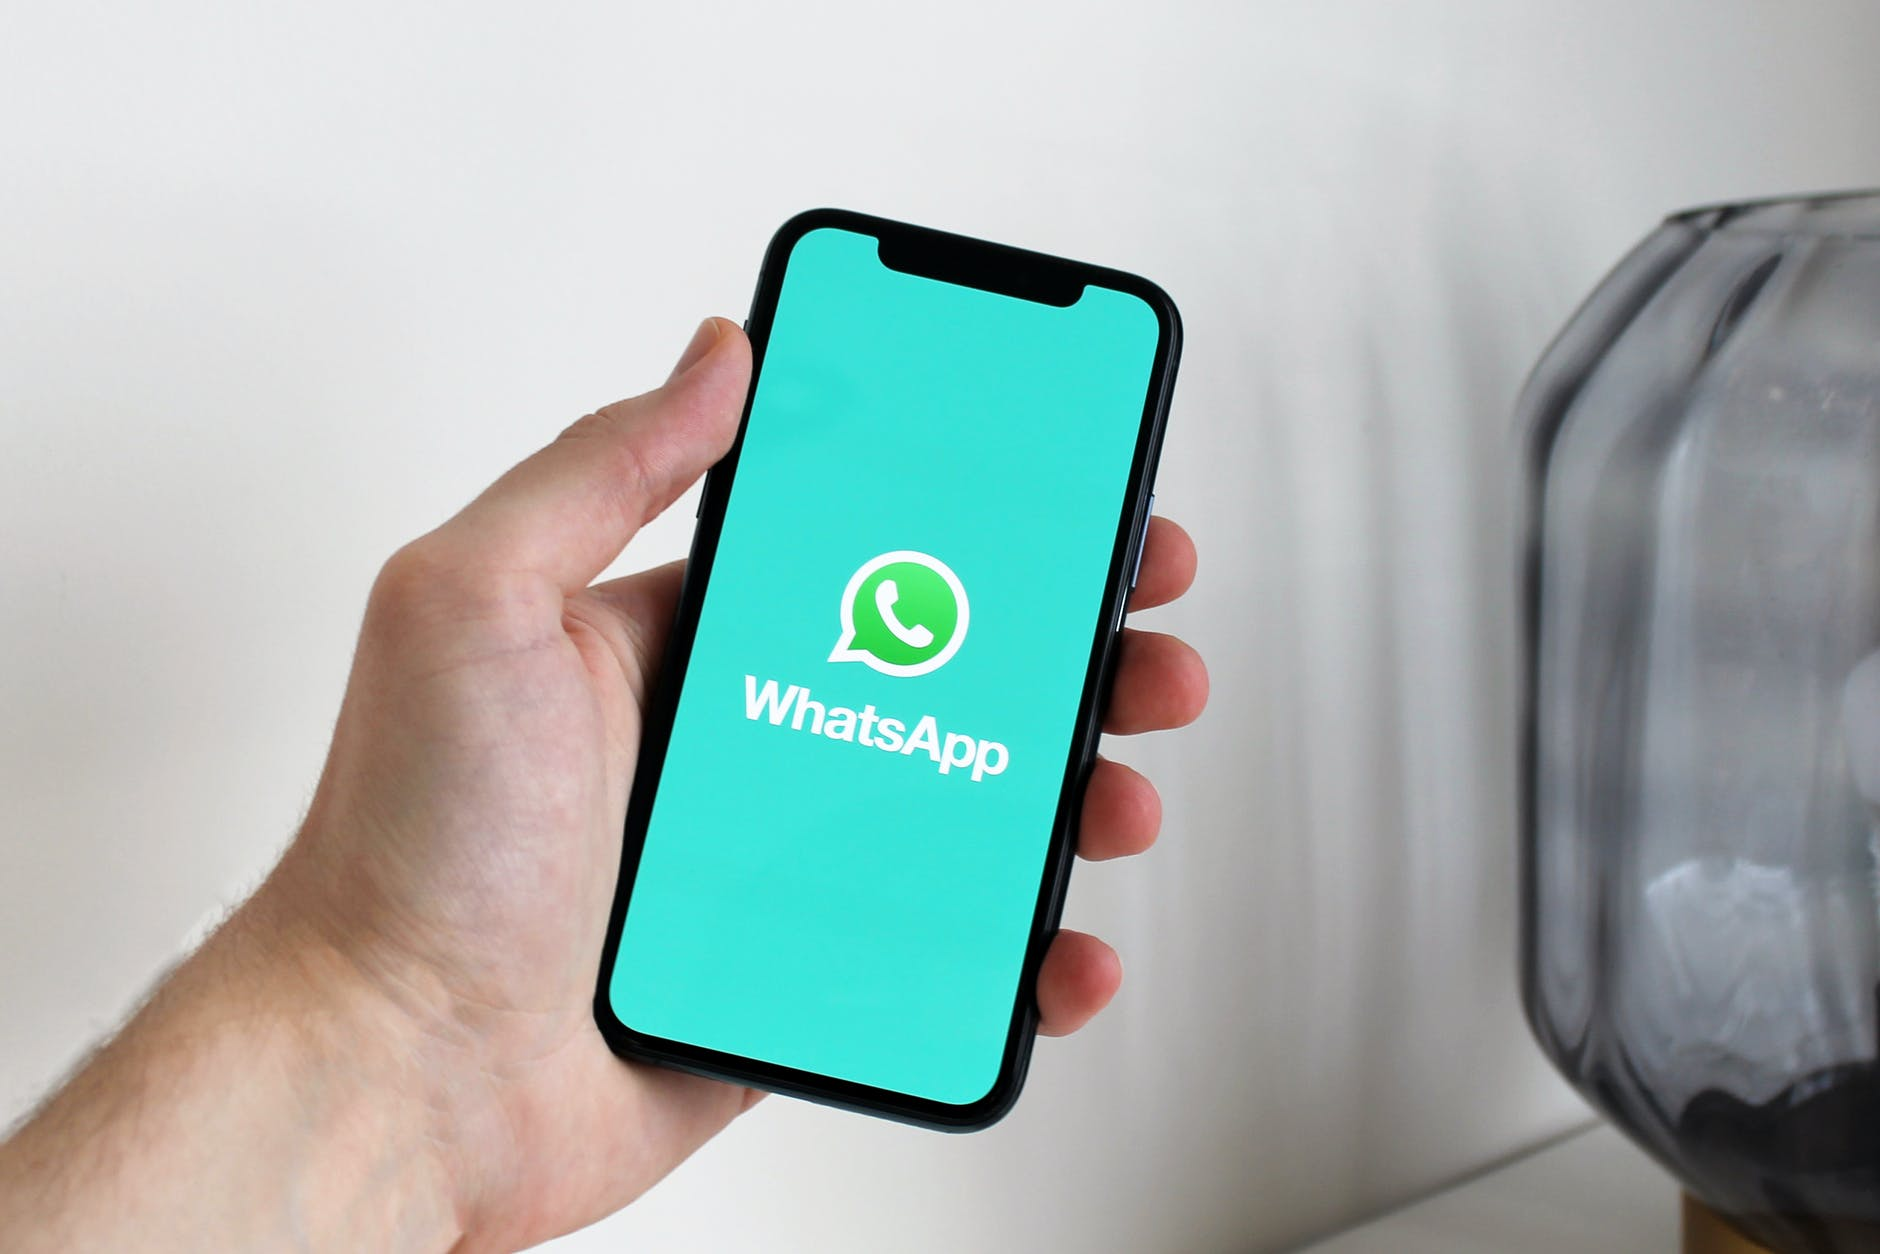 Trucuri WhatsApp: Cum poti ascunde conversatii individuale sau de grup din WhatsApp